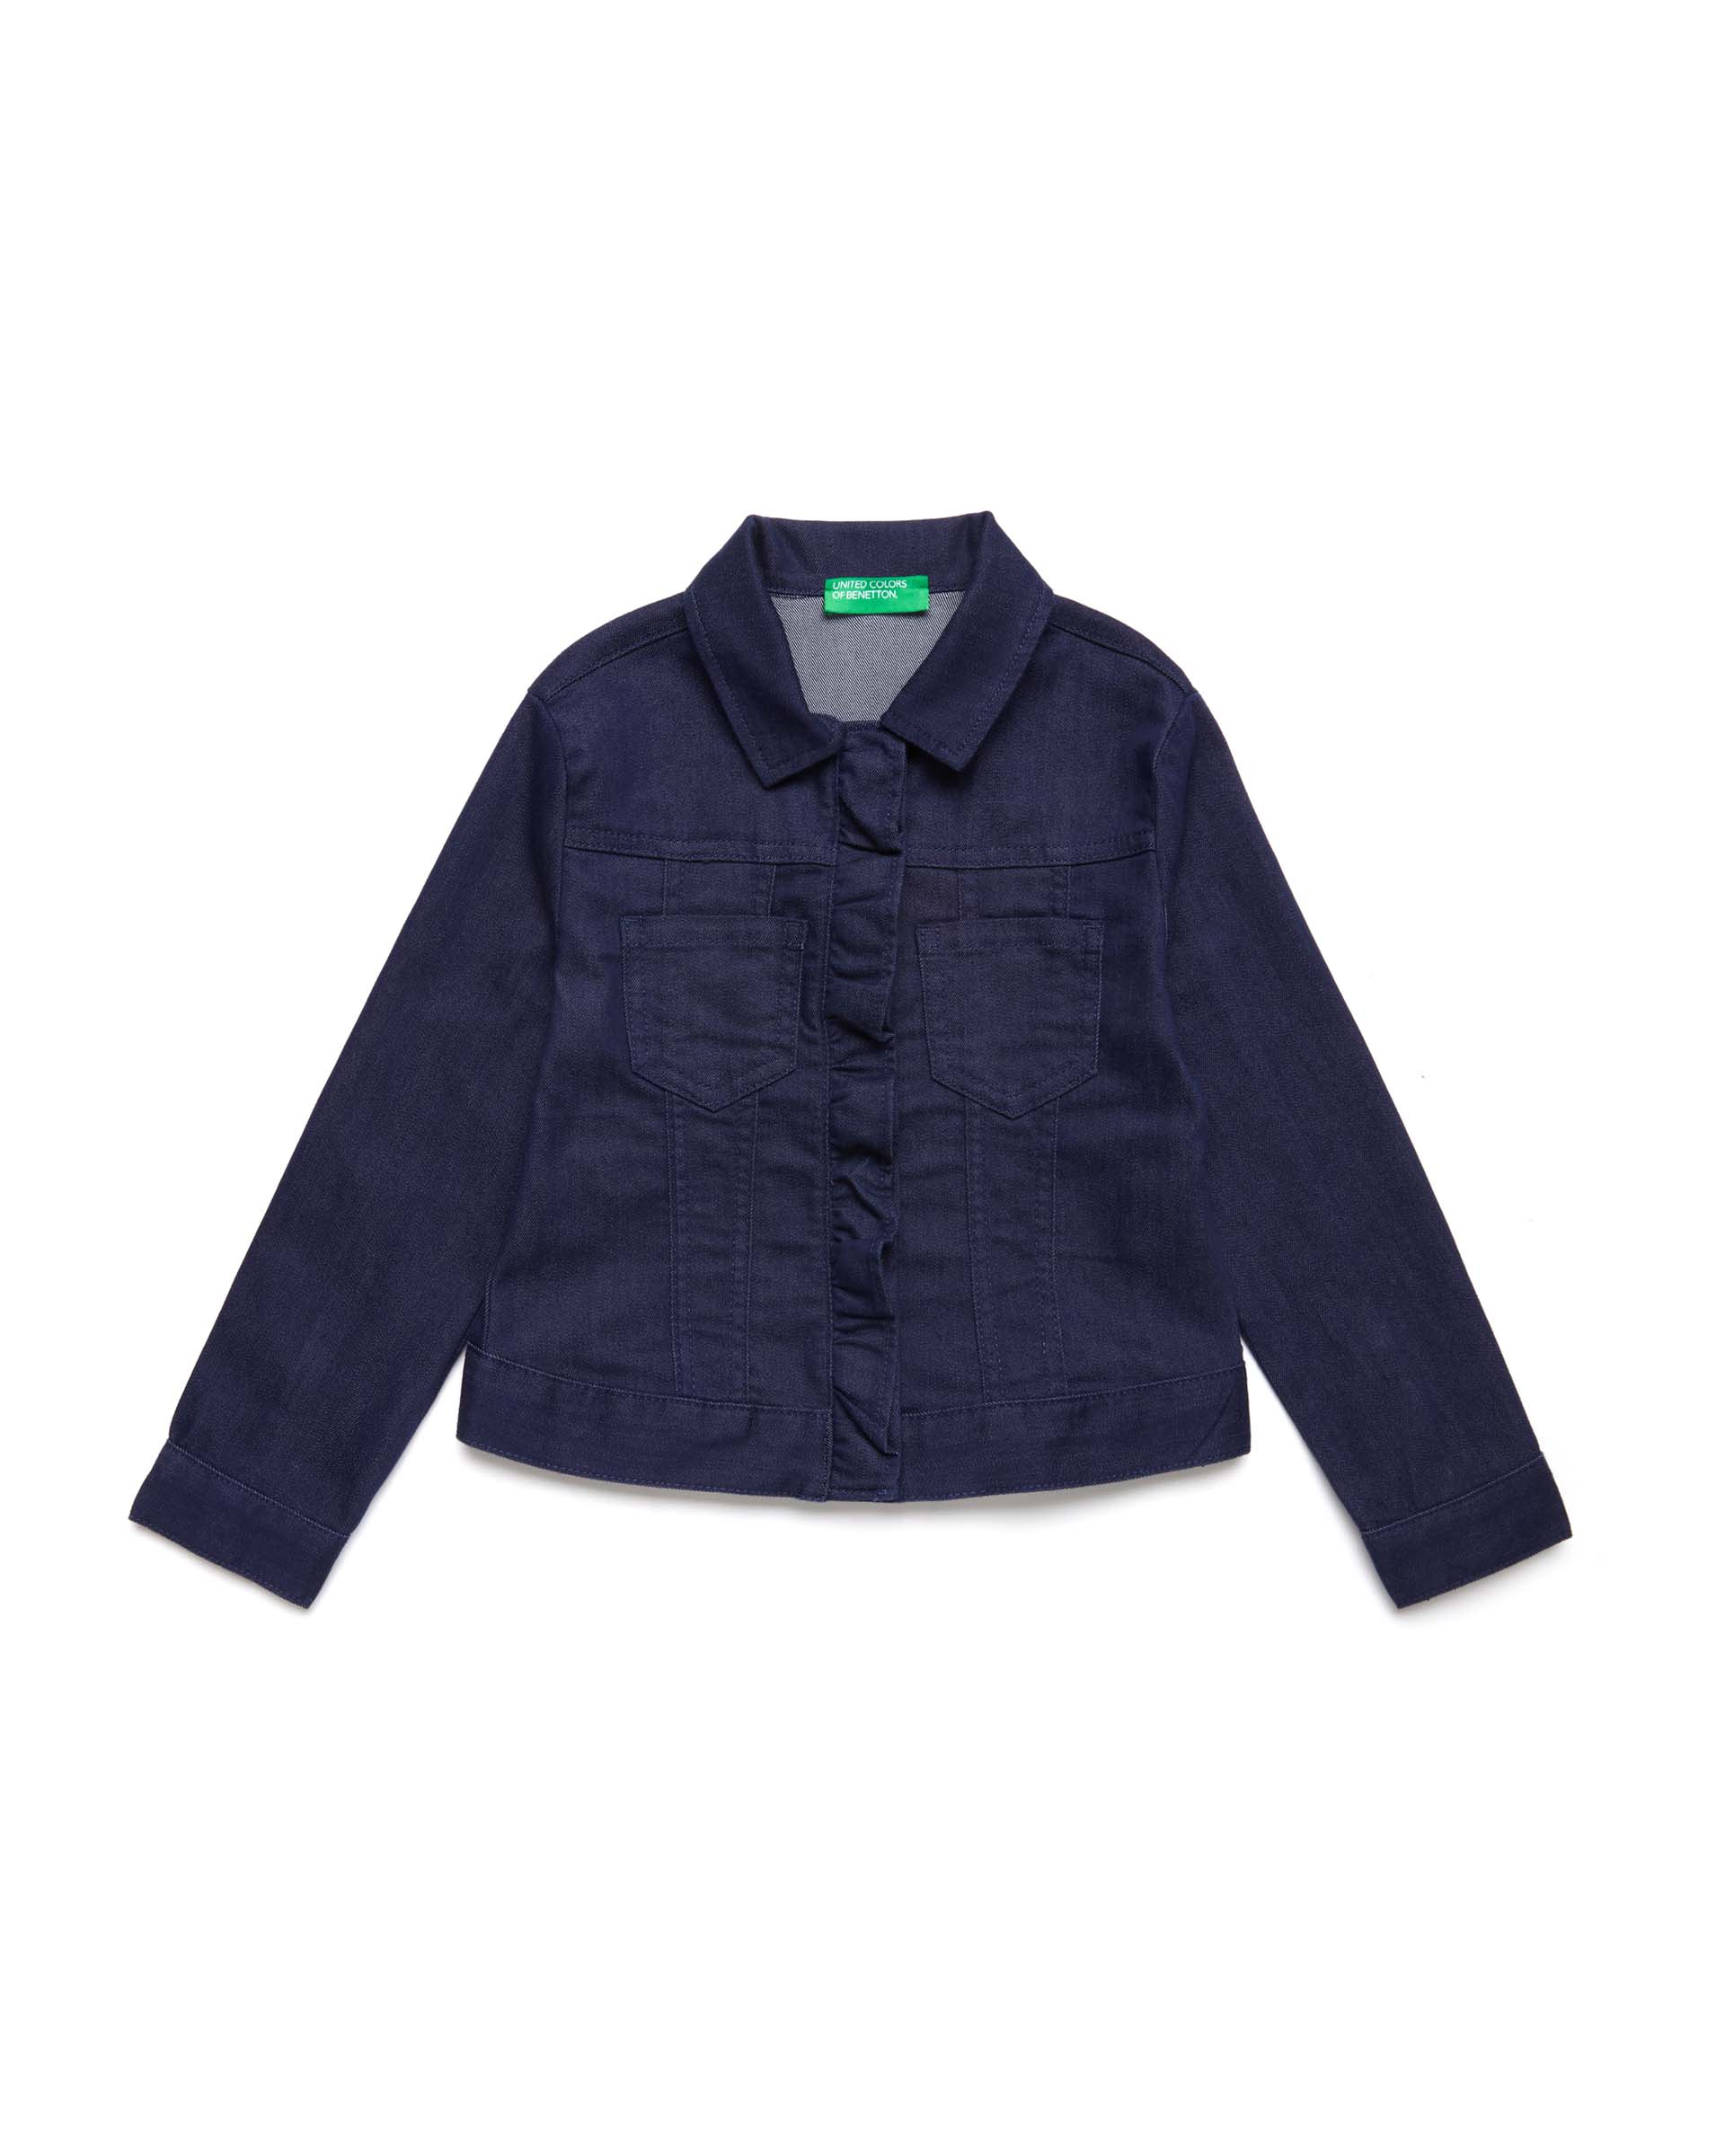 Купить 20P_2HB553I30_252, Джинсовая куртка для девочек Benetton 2HB553I30_252 р-р 158, United Colors of Benetton, Куртки для девочек